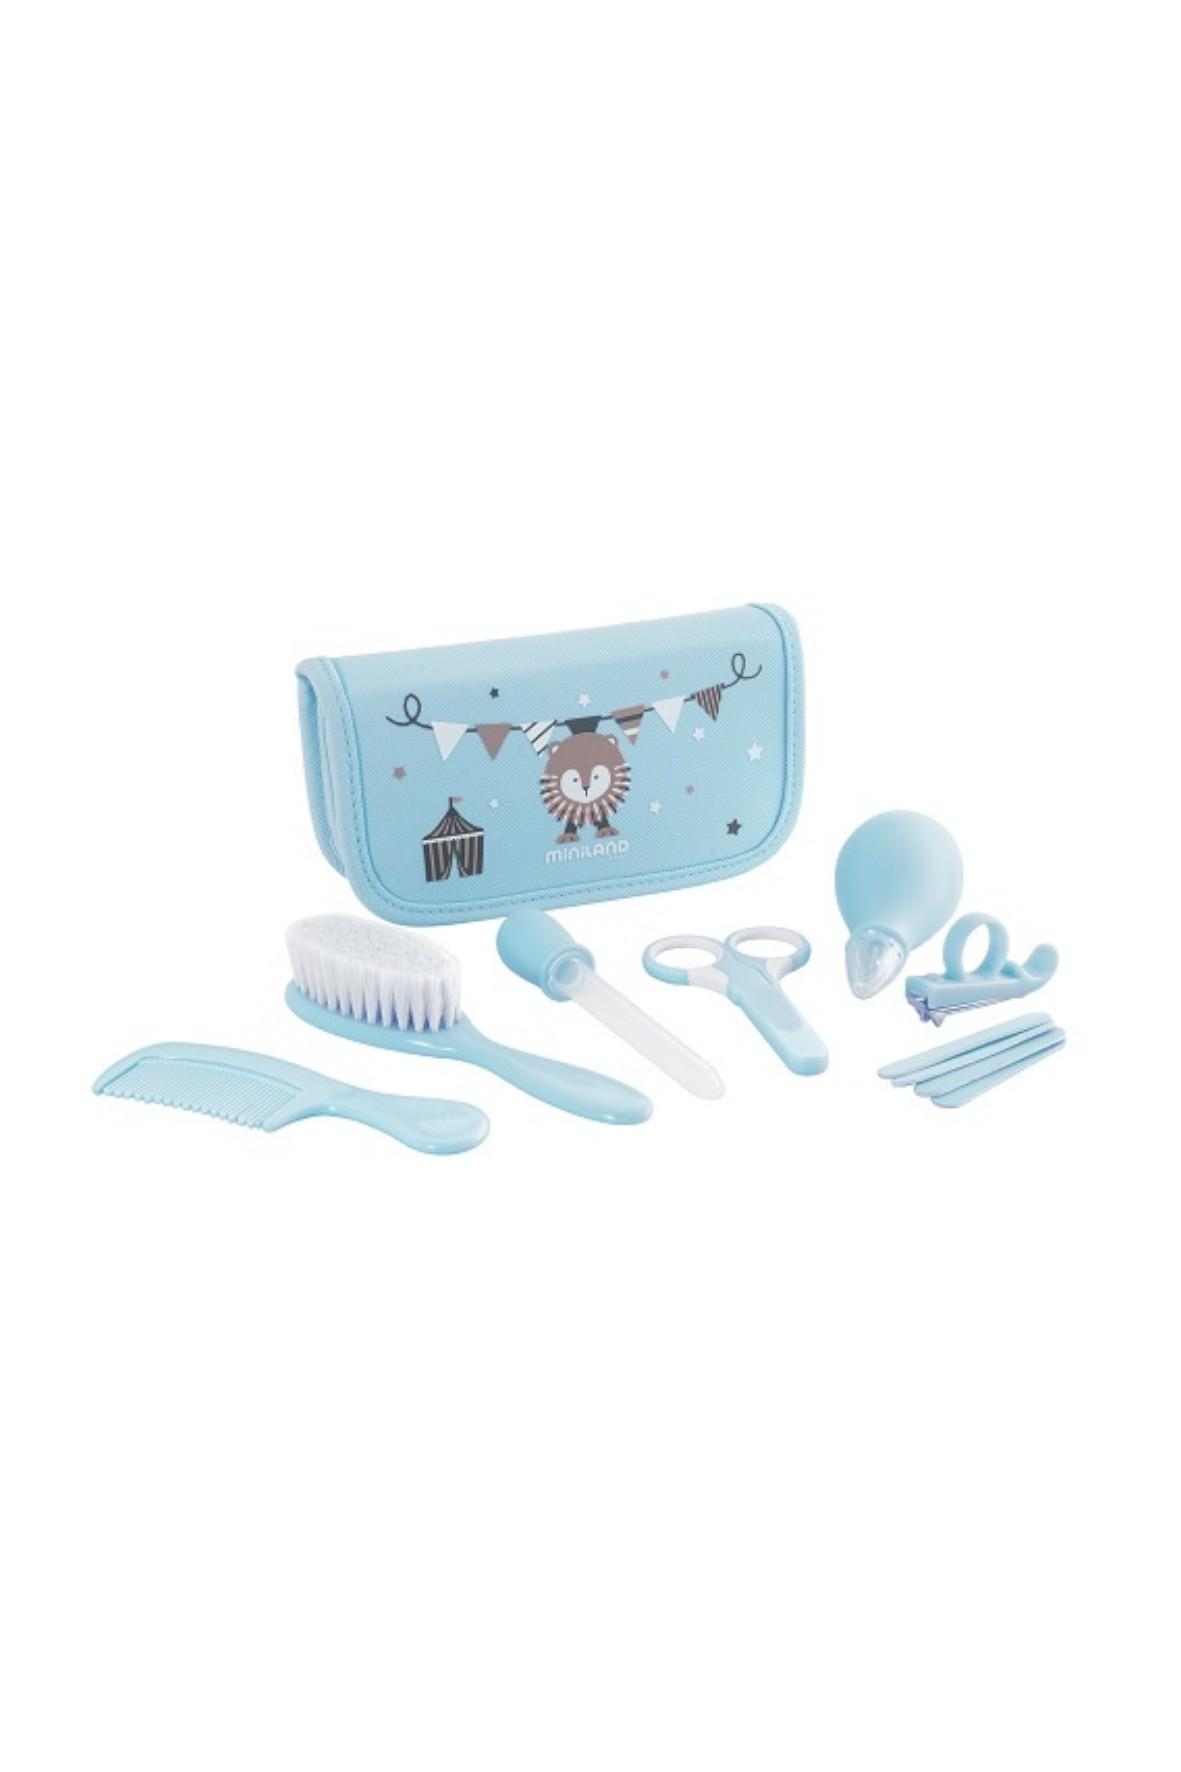 Zestaw do pielęgnacji dziecka (7 produktów) - niebieski